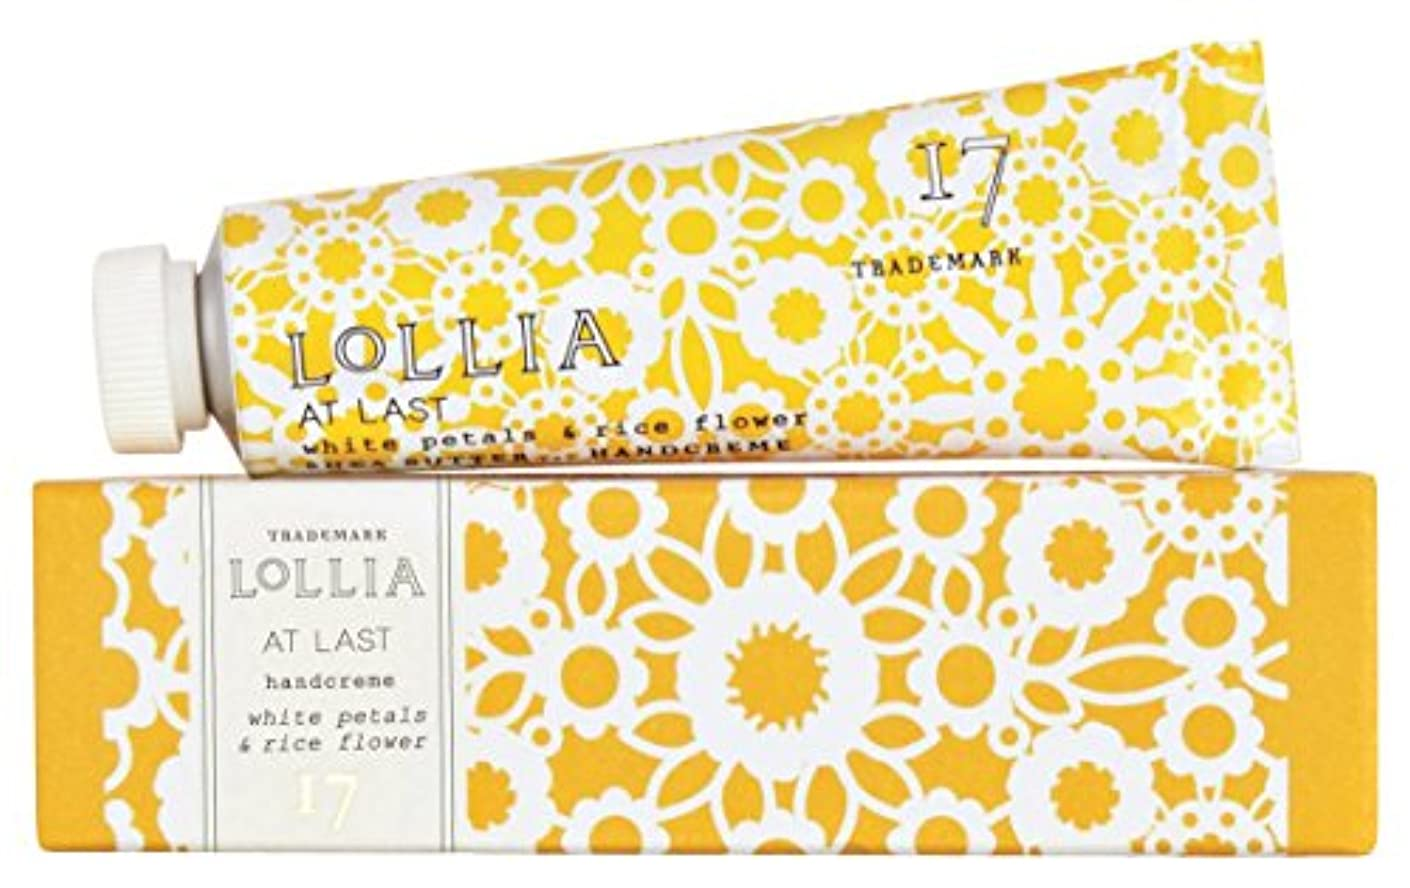 ふざけたなす許されるロリア(LoLLIA) ミニハンドクリーム AtLast 9.3g (ライスフラワー、マグノリアとミモザの柔らかな花々の香り)